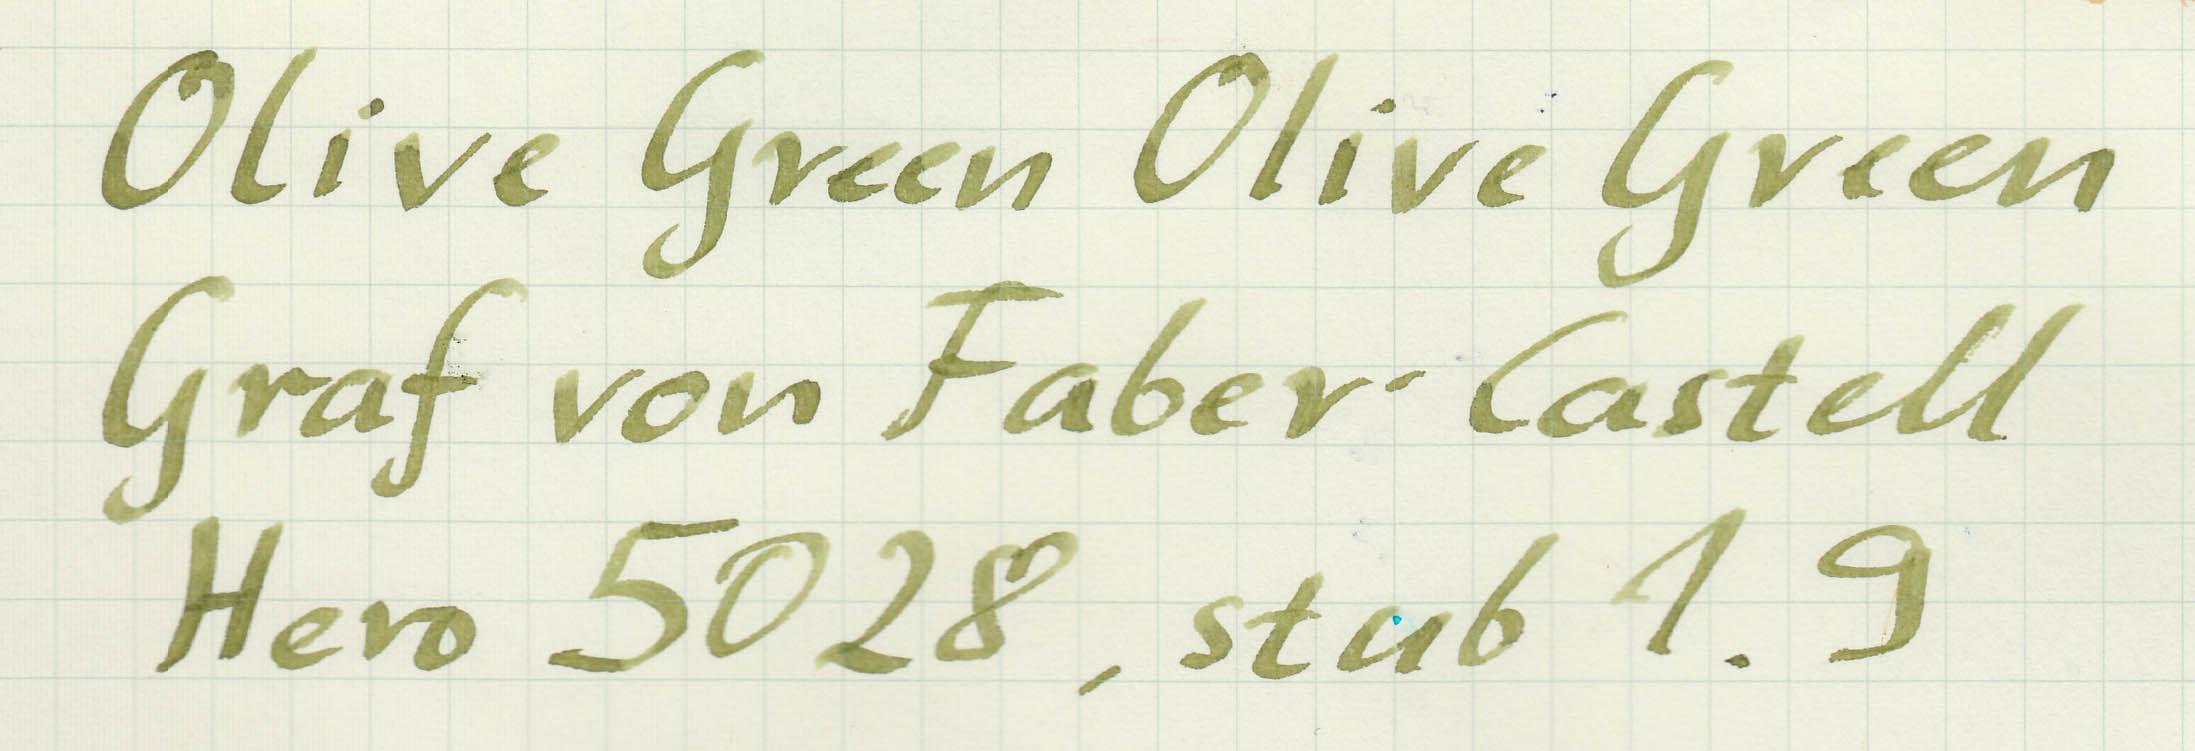 fpn_1510416274__olivegreen_gvfcmidori_1.